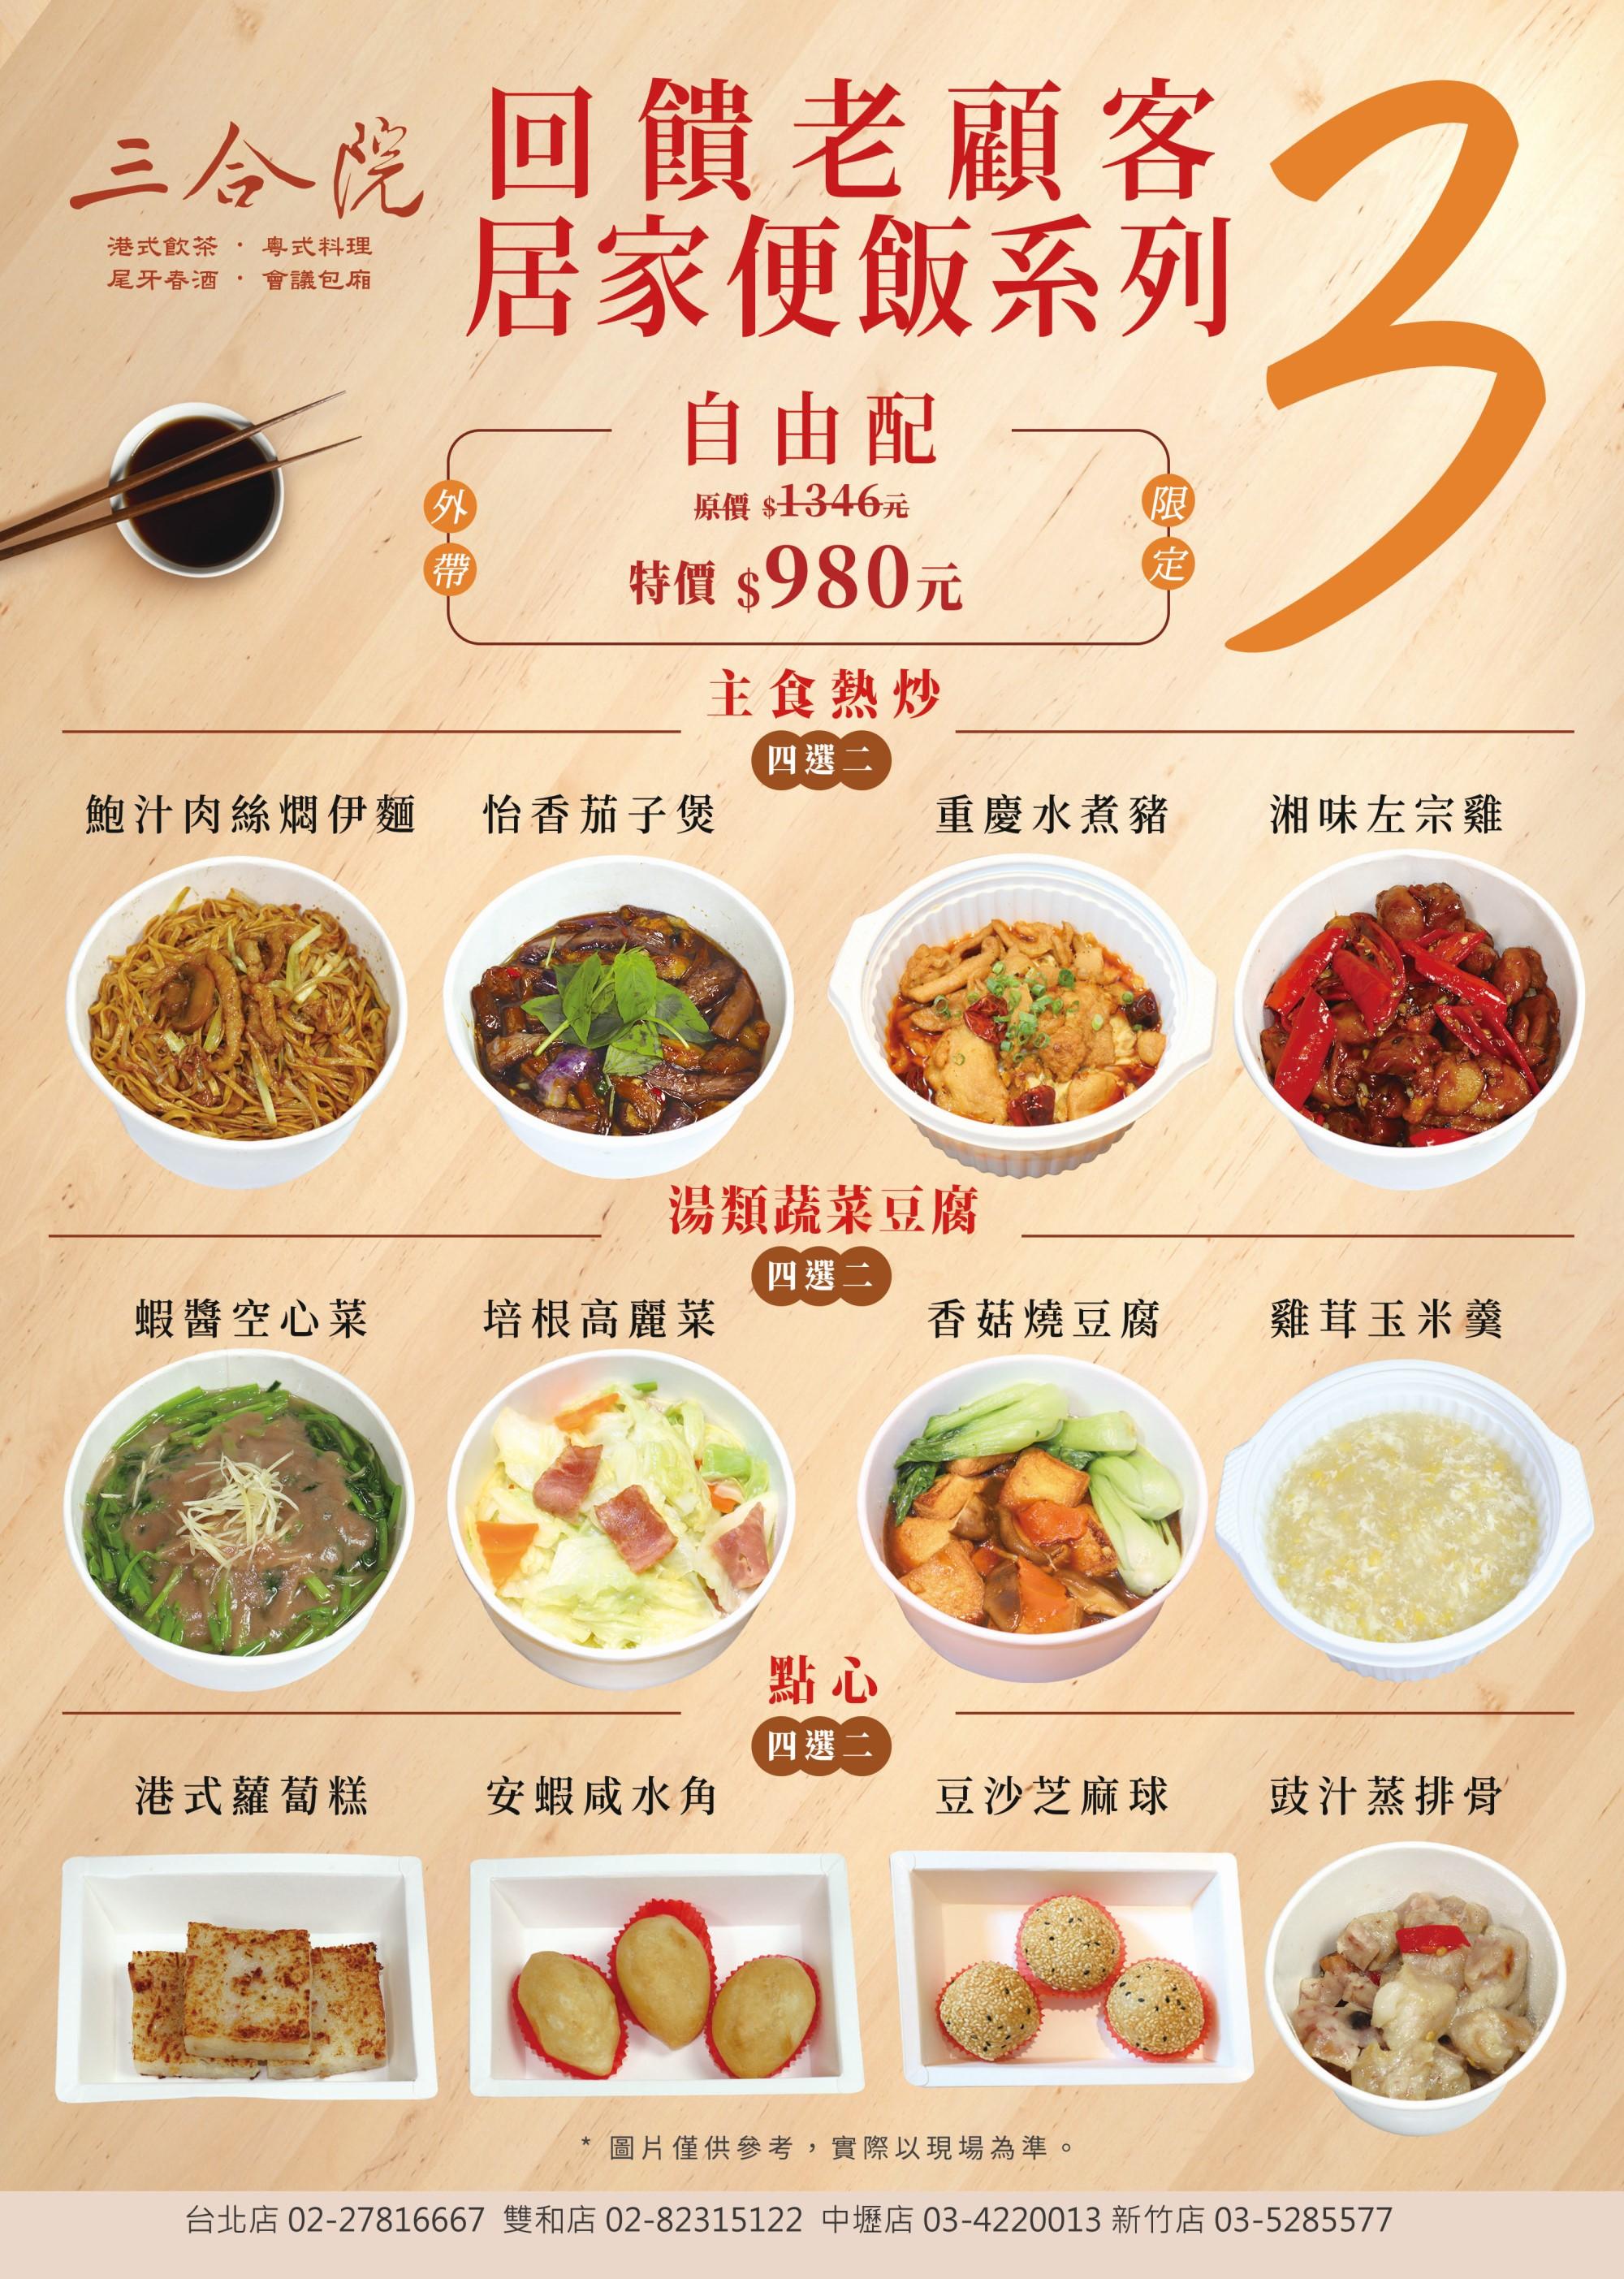 0928-回饋老顧客居家便飯系列三-980元-改香菇燒豆腐